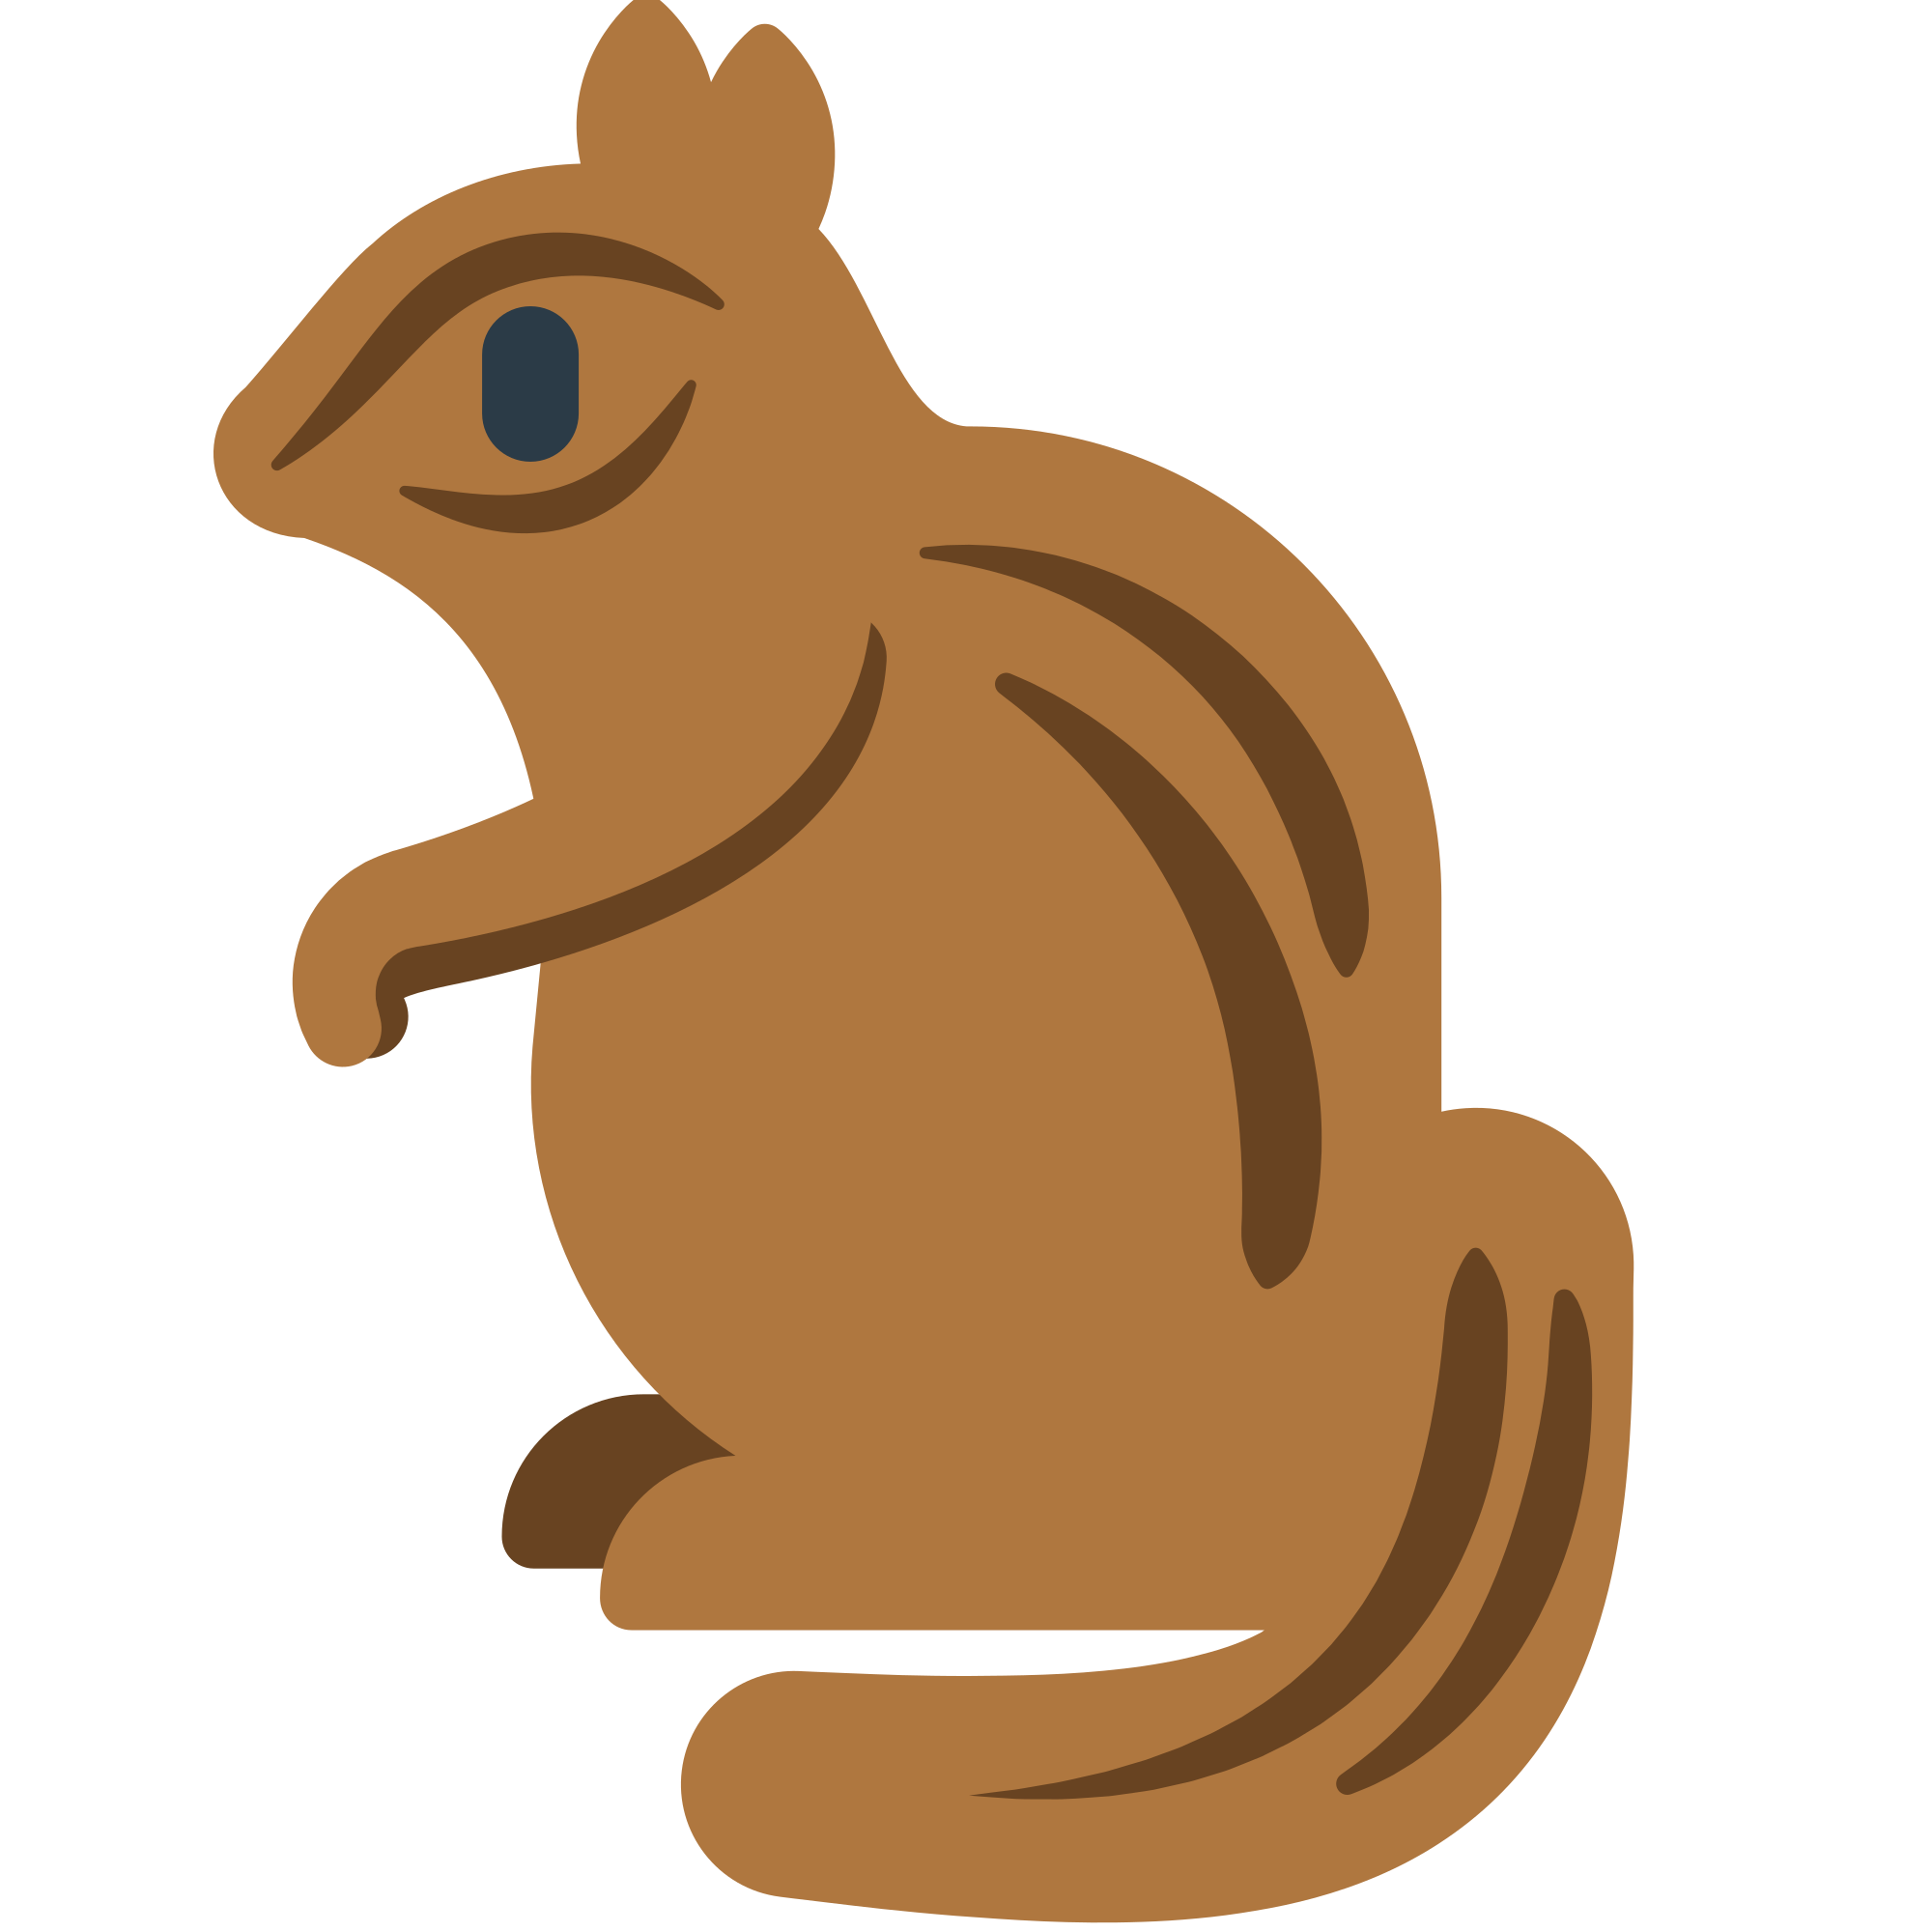 File fxemoji u f. Groundhog clipart svg